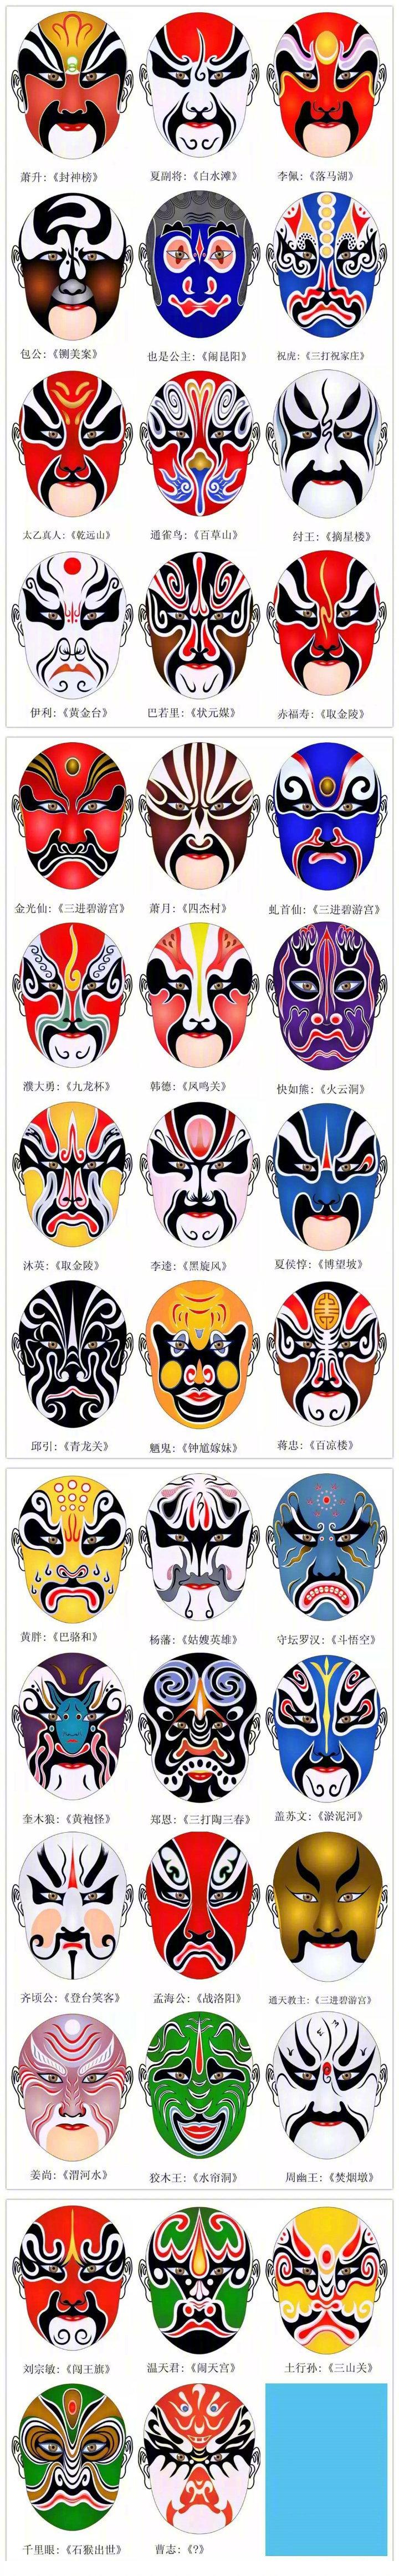 几百张超美的京剧脸谱,收藏绘制!by@photoshop大师cad值得书柜三视图图片